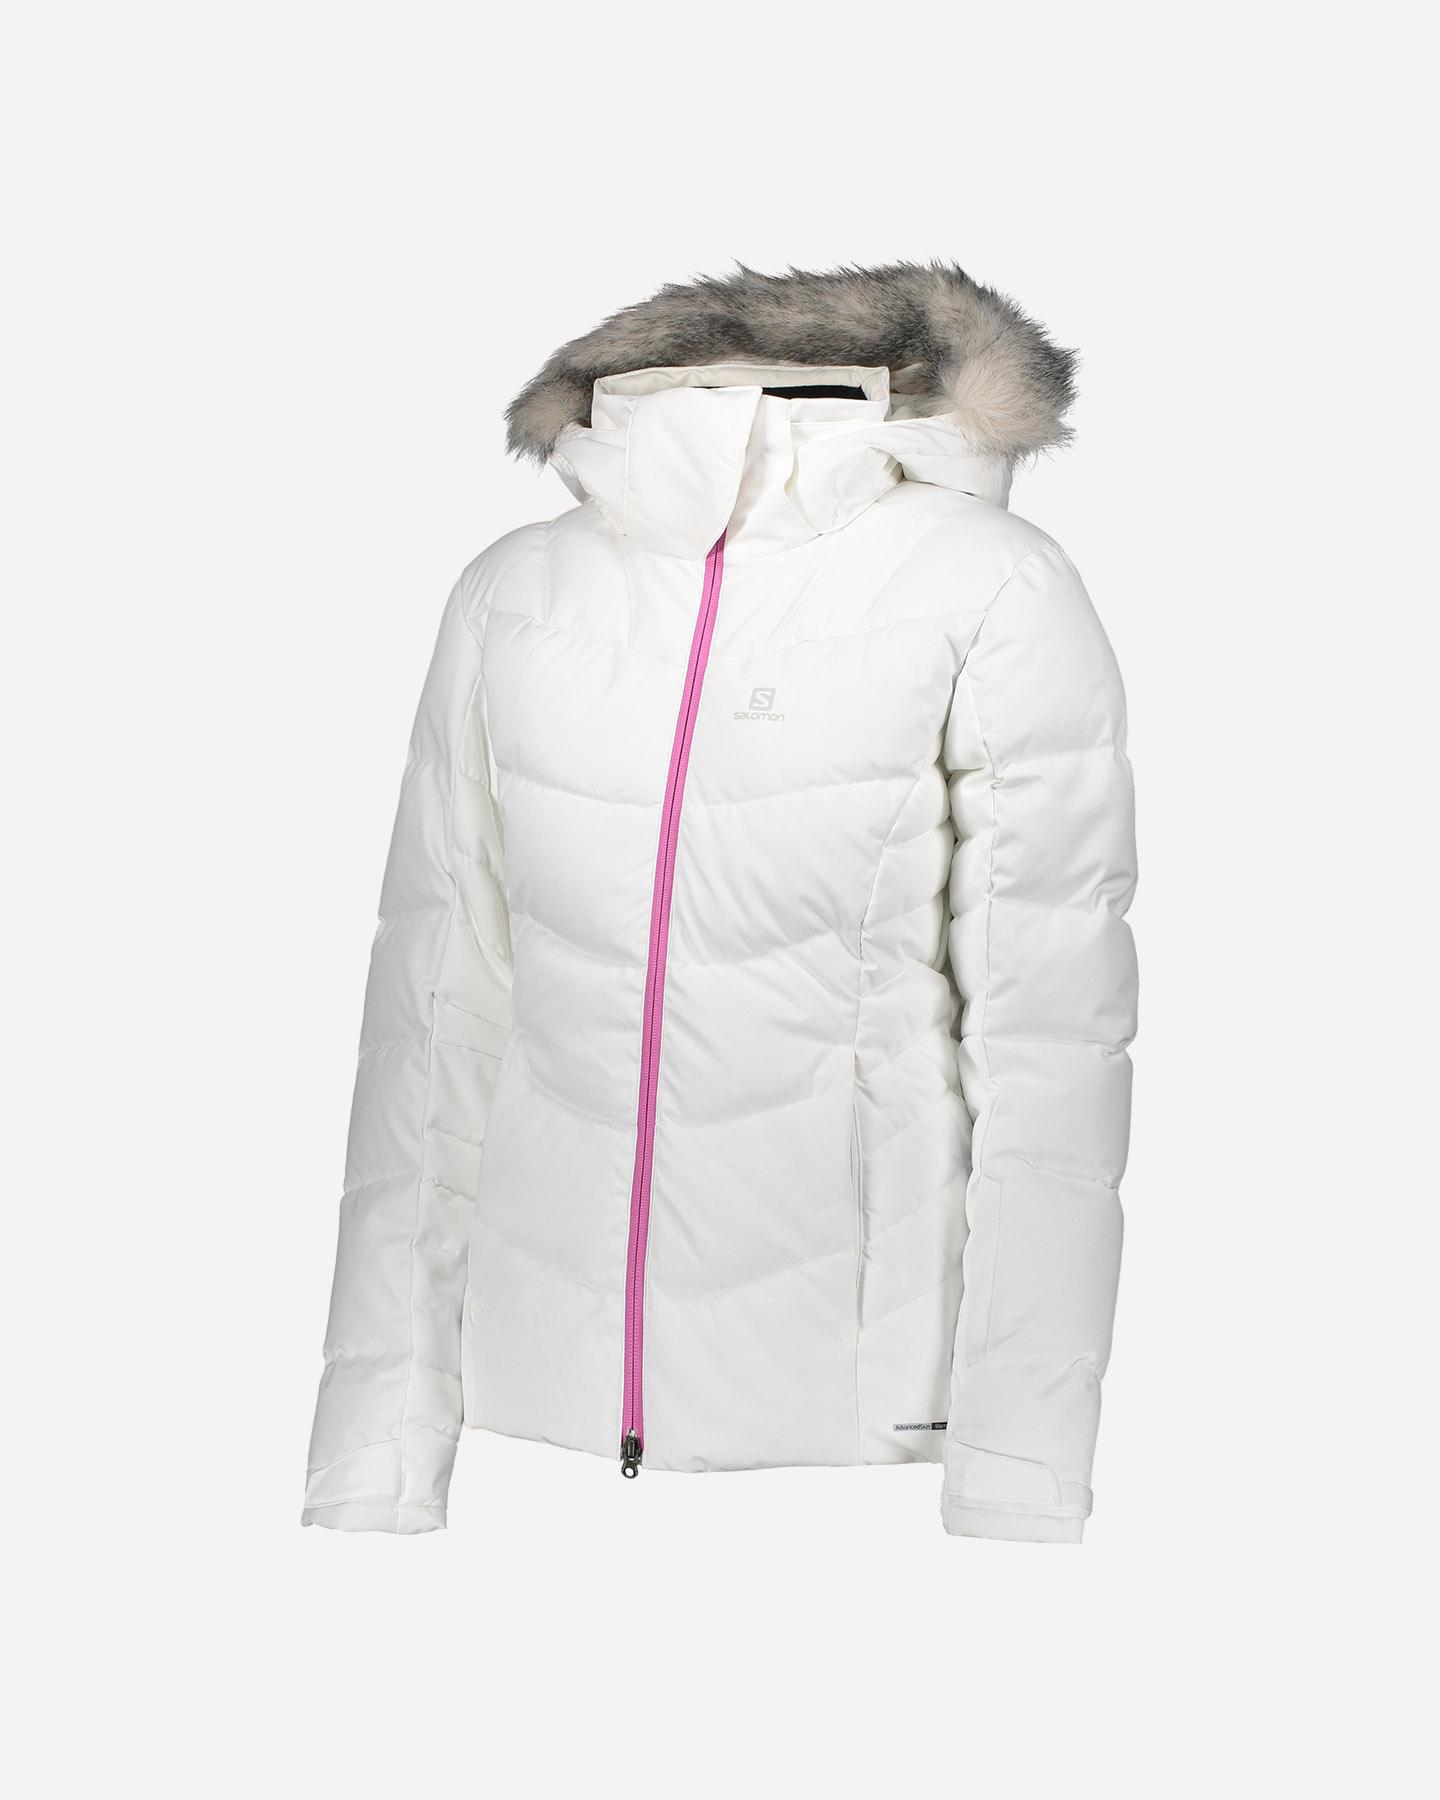 giacca sci donna salomon